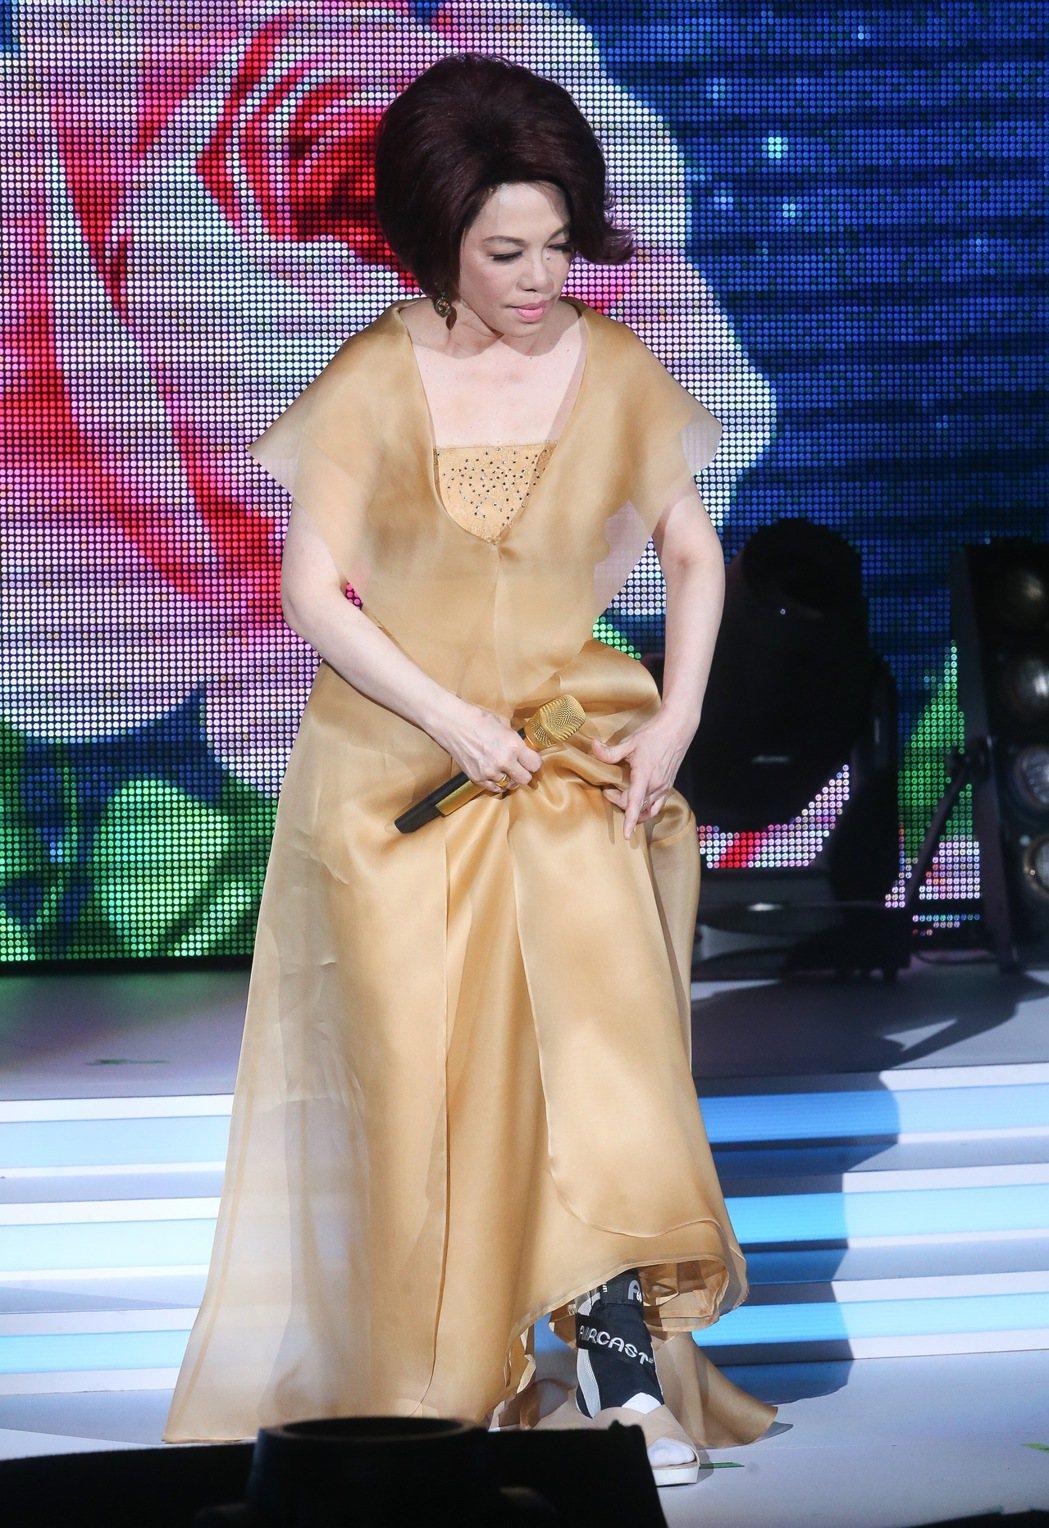 蔡琴「百萬精華」演唱會,今晚在台北國際會議中心開唱,由於日前腳部不慎受傷,蔡琴還...